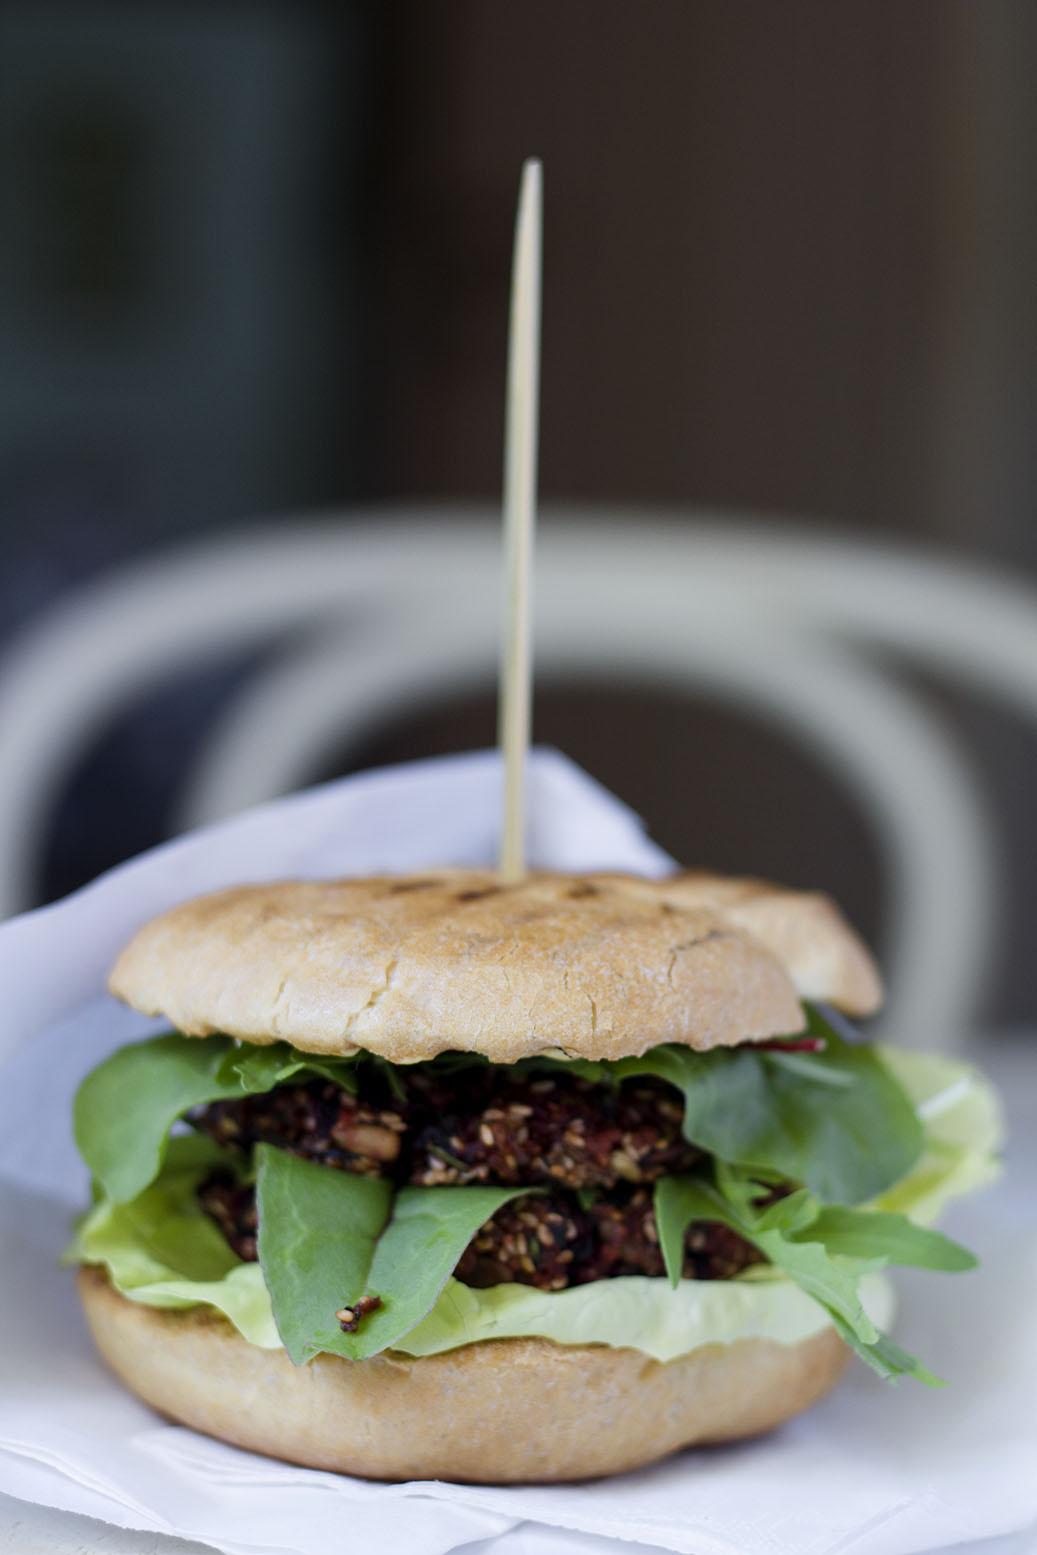 wegańskie burgery z kaszą jaglaną i botwinką